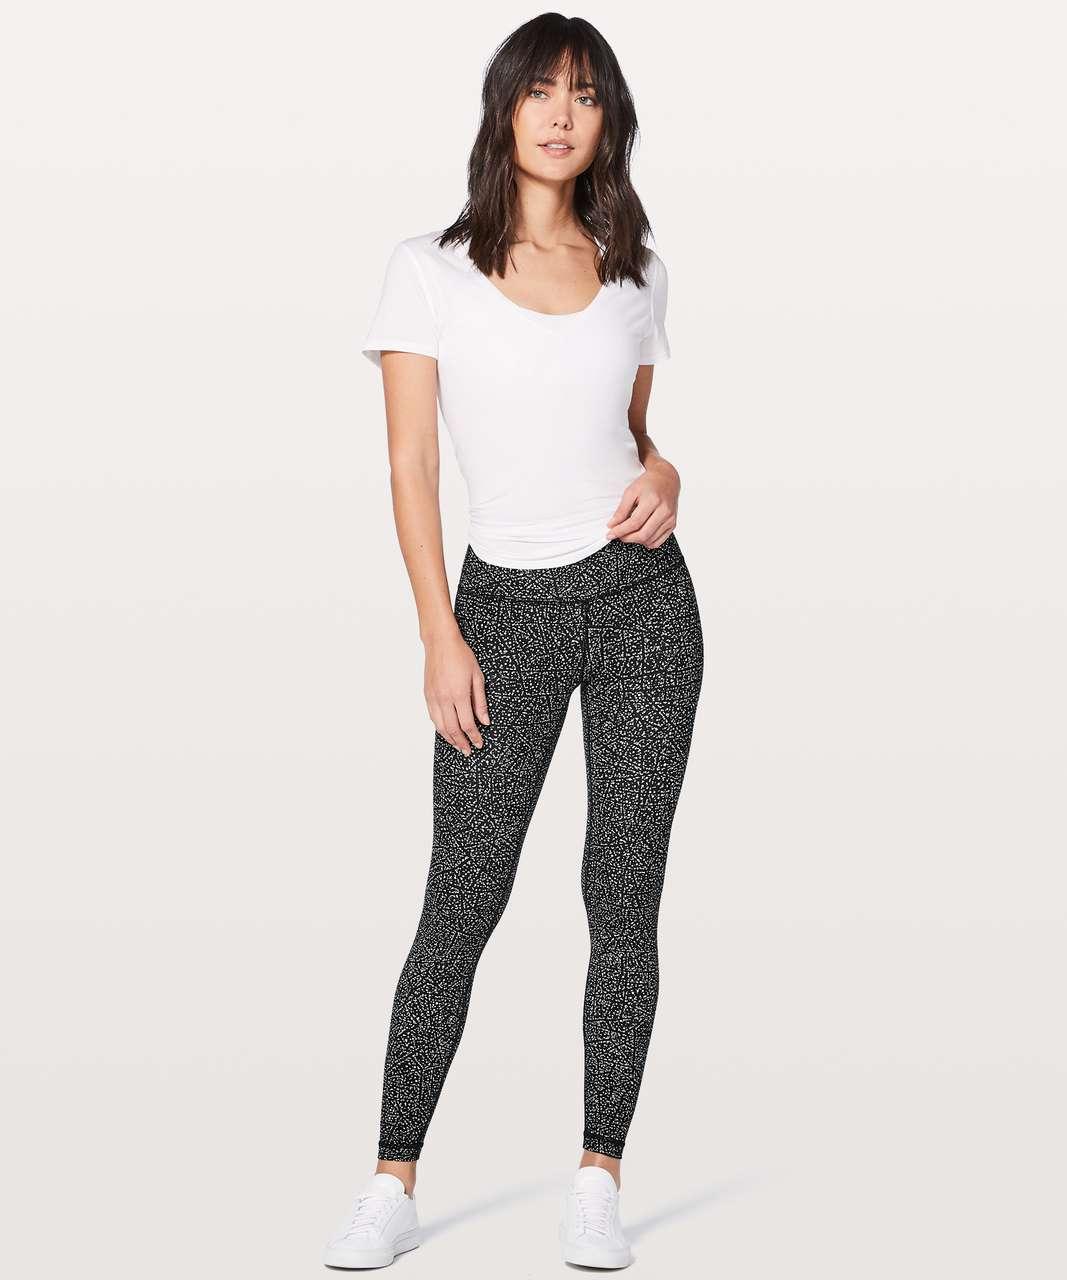 """Lululemon Align Pant Full Length 28"""" - Night View White Black"""